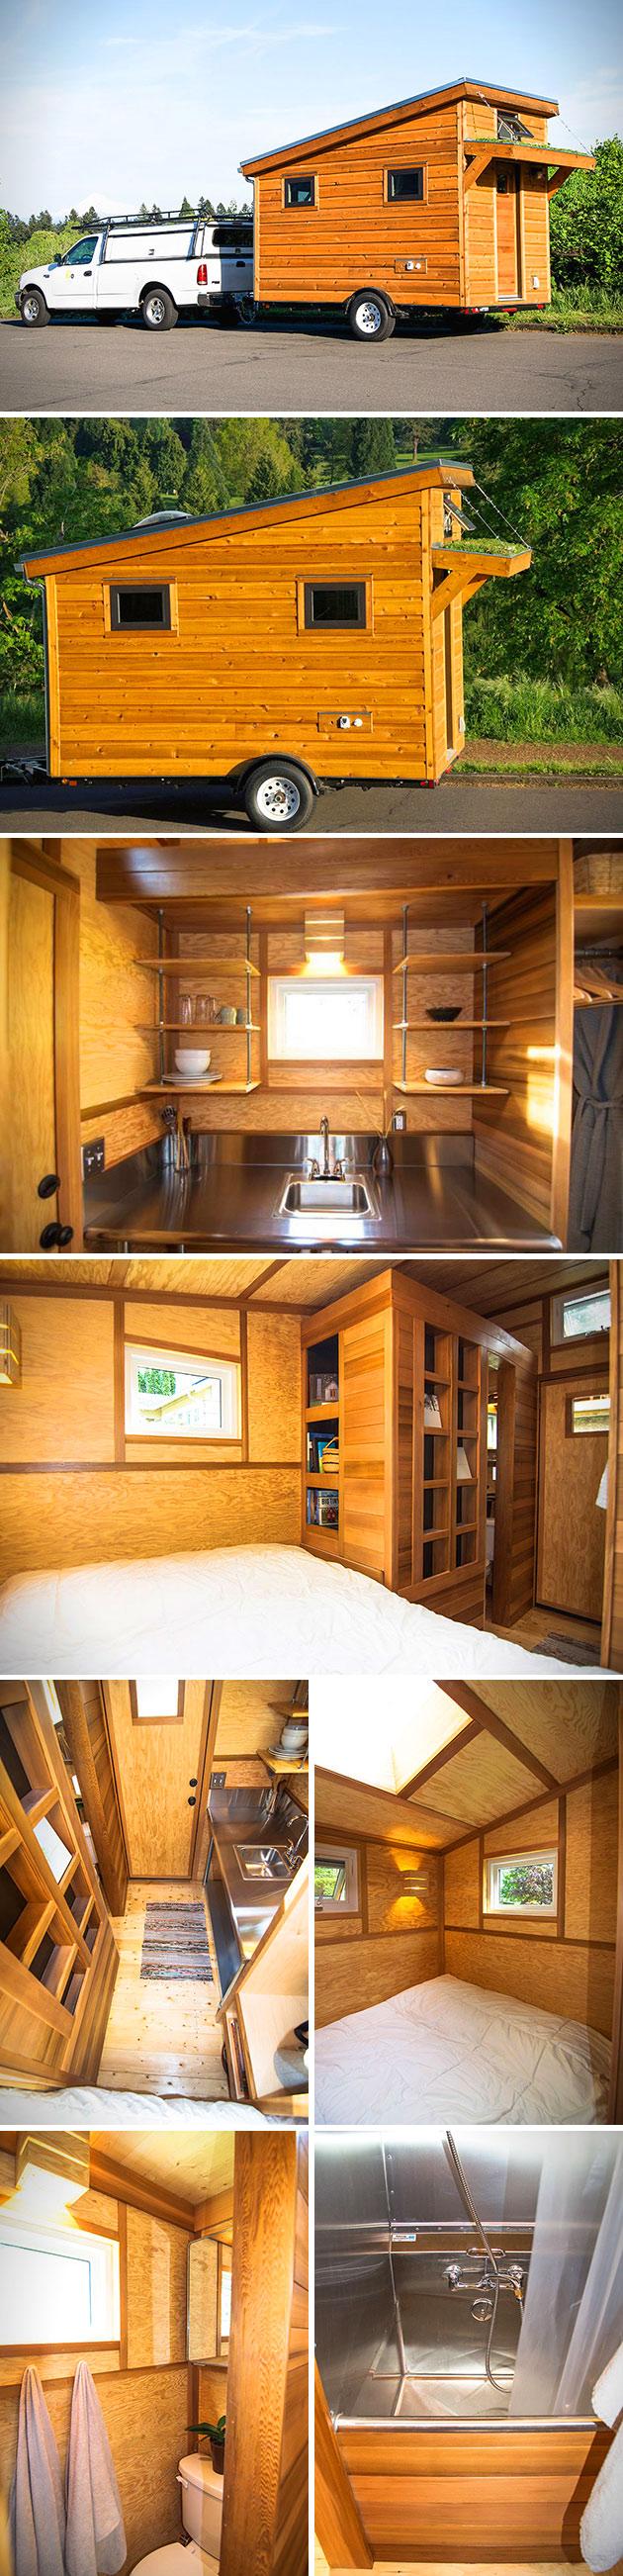 Salsa Box Cabin